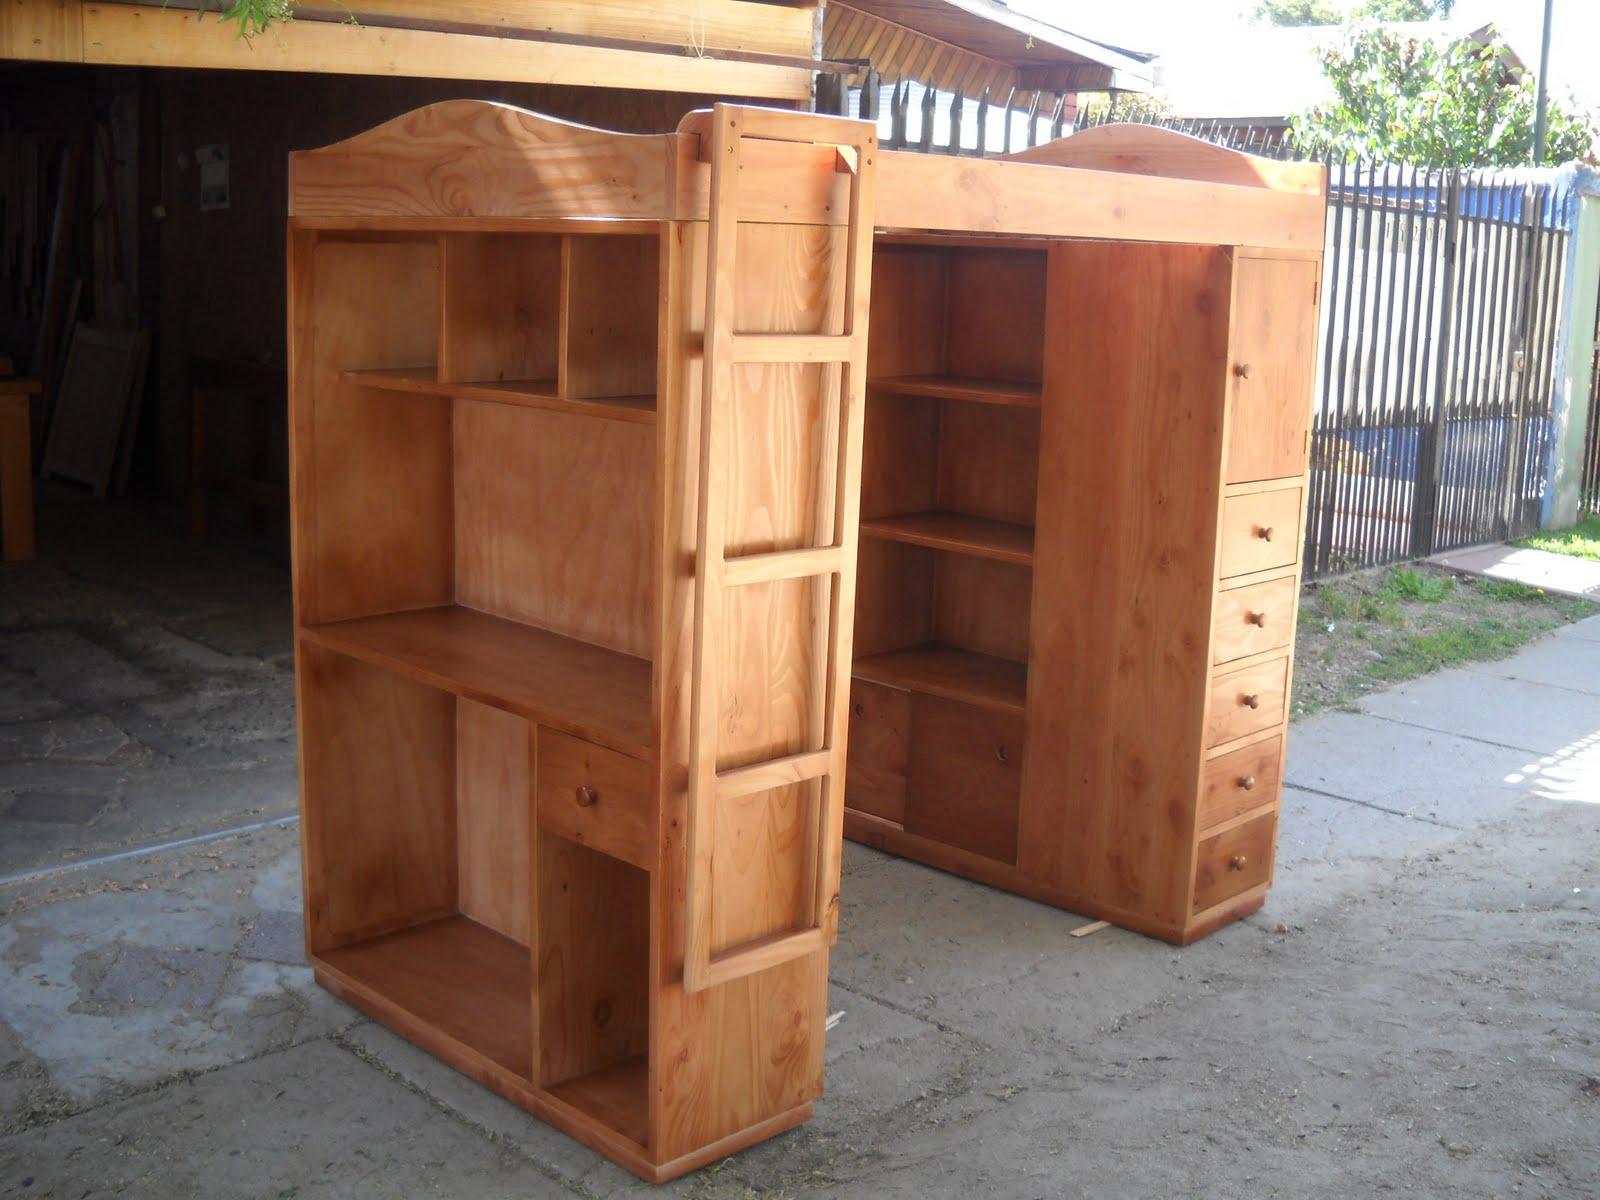 Muebles kotue cama alta con muebles - Cama alta con escritorio ...